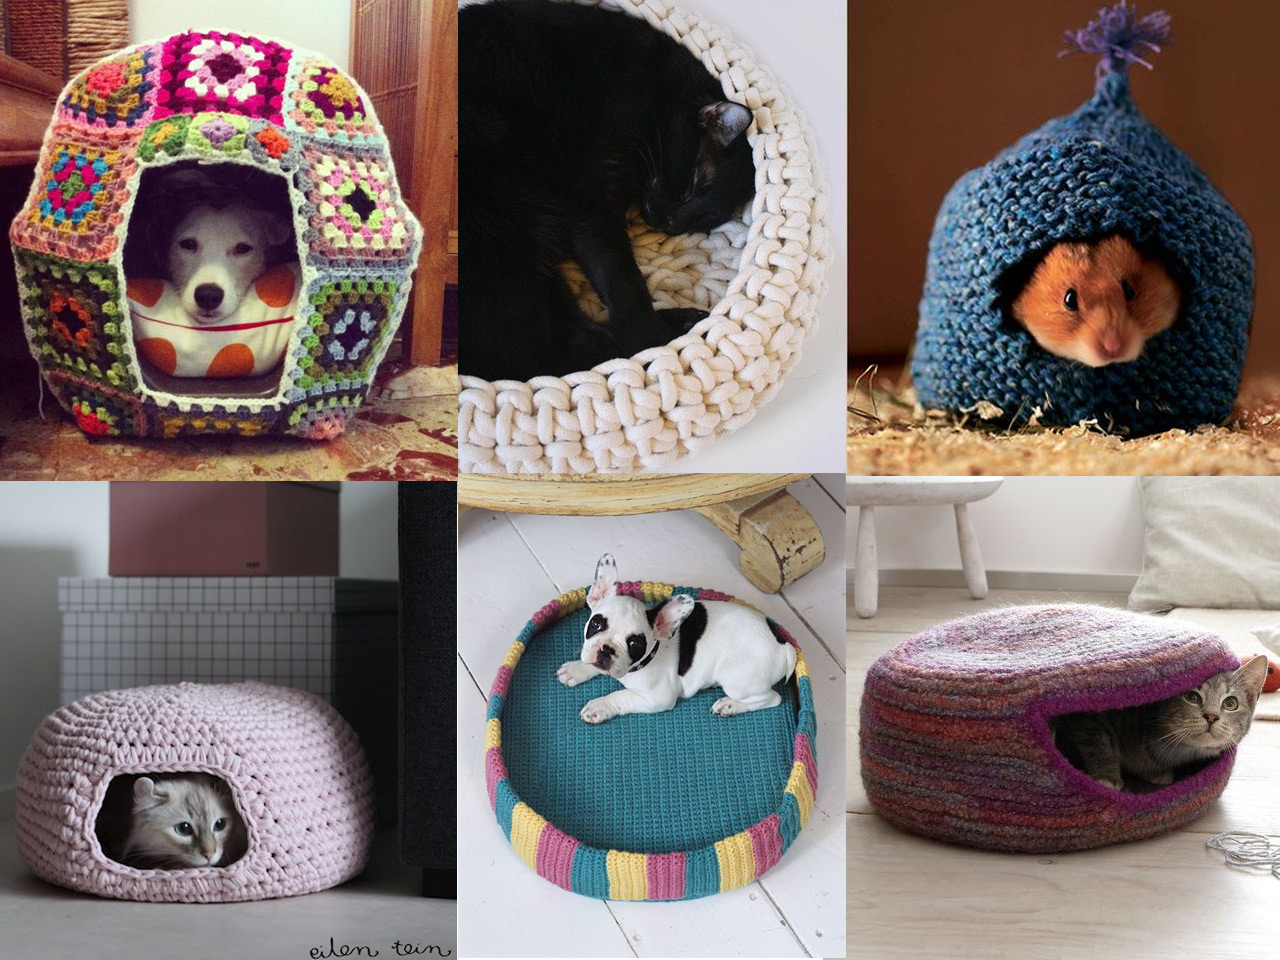 10 propuestas para decorar tu casa con crochet - Manualidades para decorar el hogar paso a paso ...